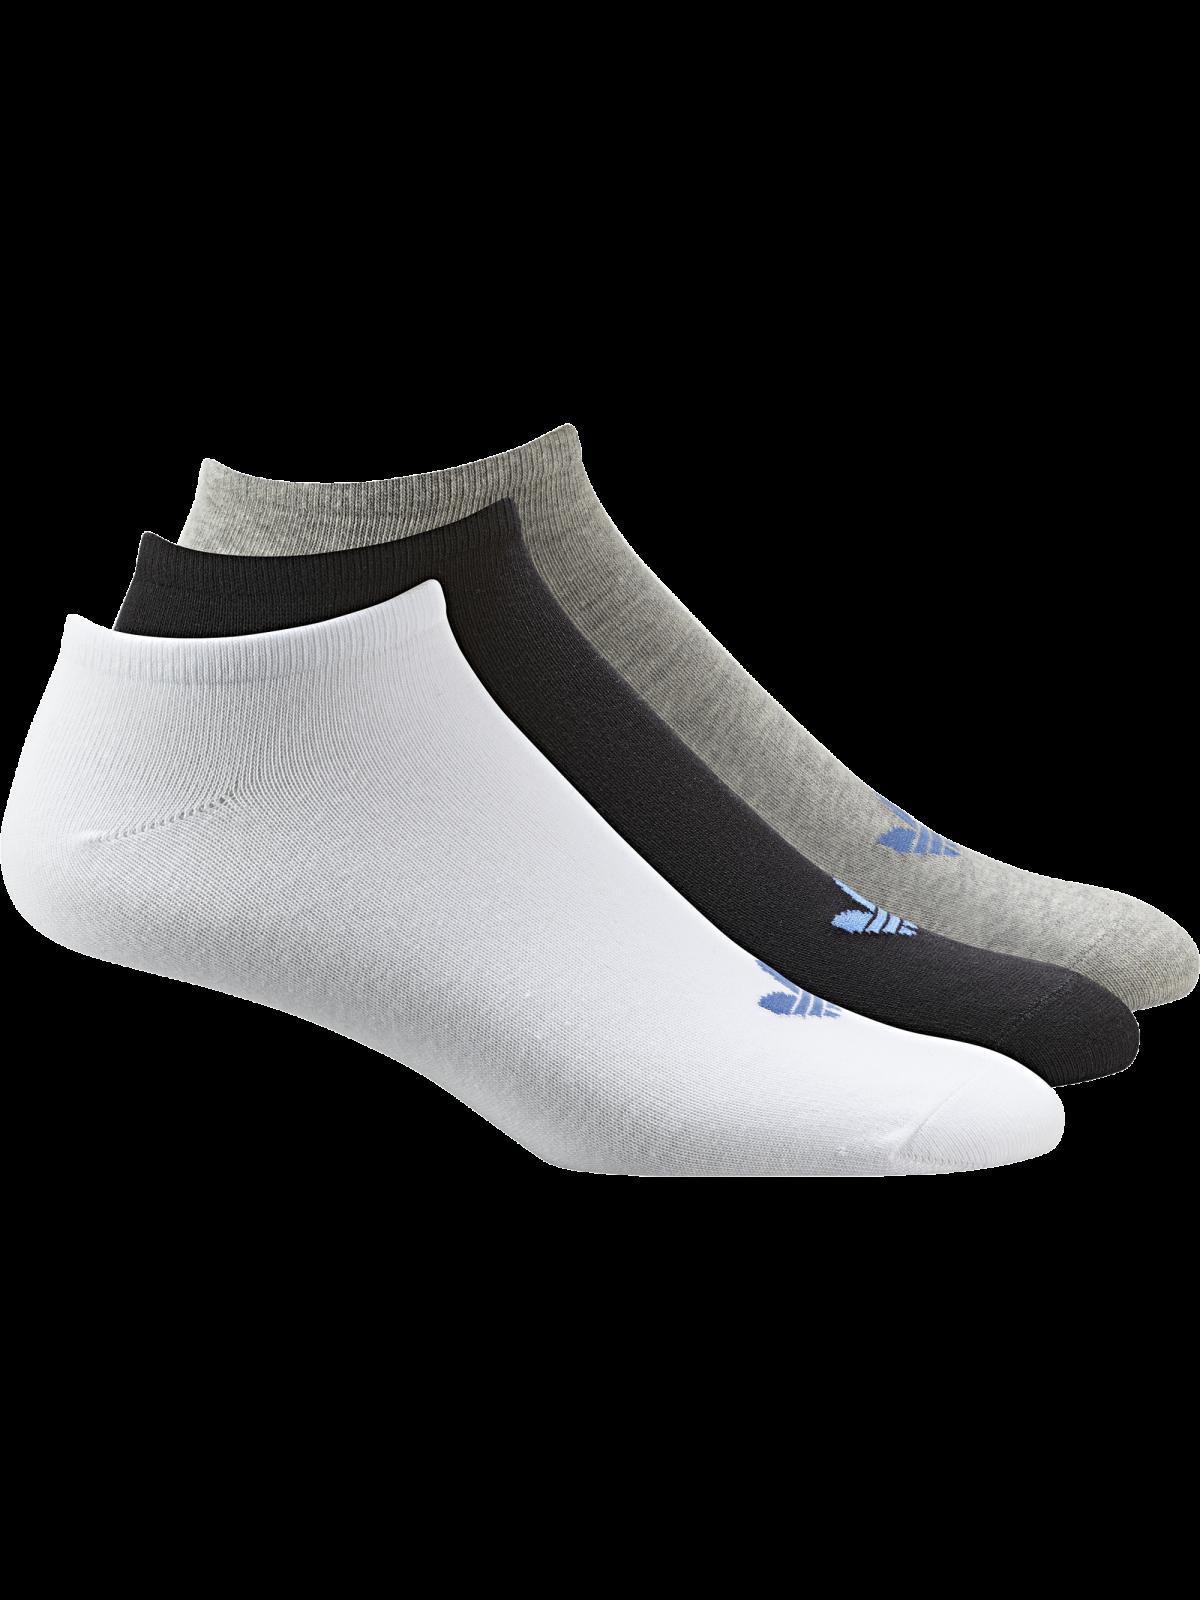 ADIDAS Chaussettes trefoil courtes gris / blanc / noir logo bleu